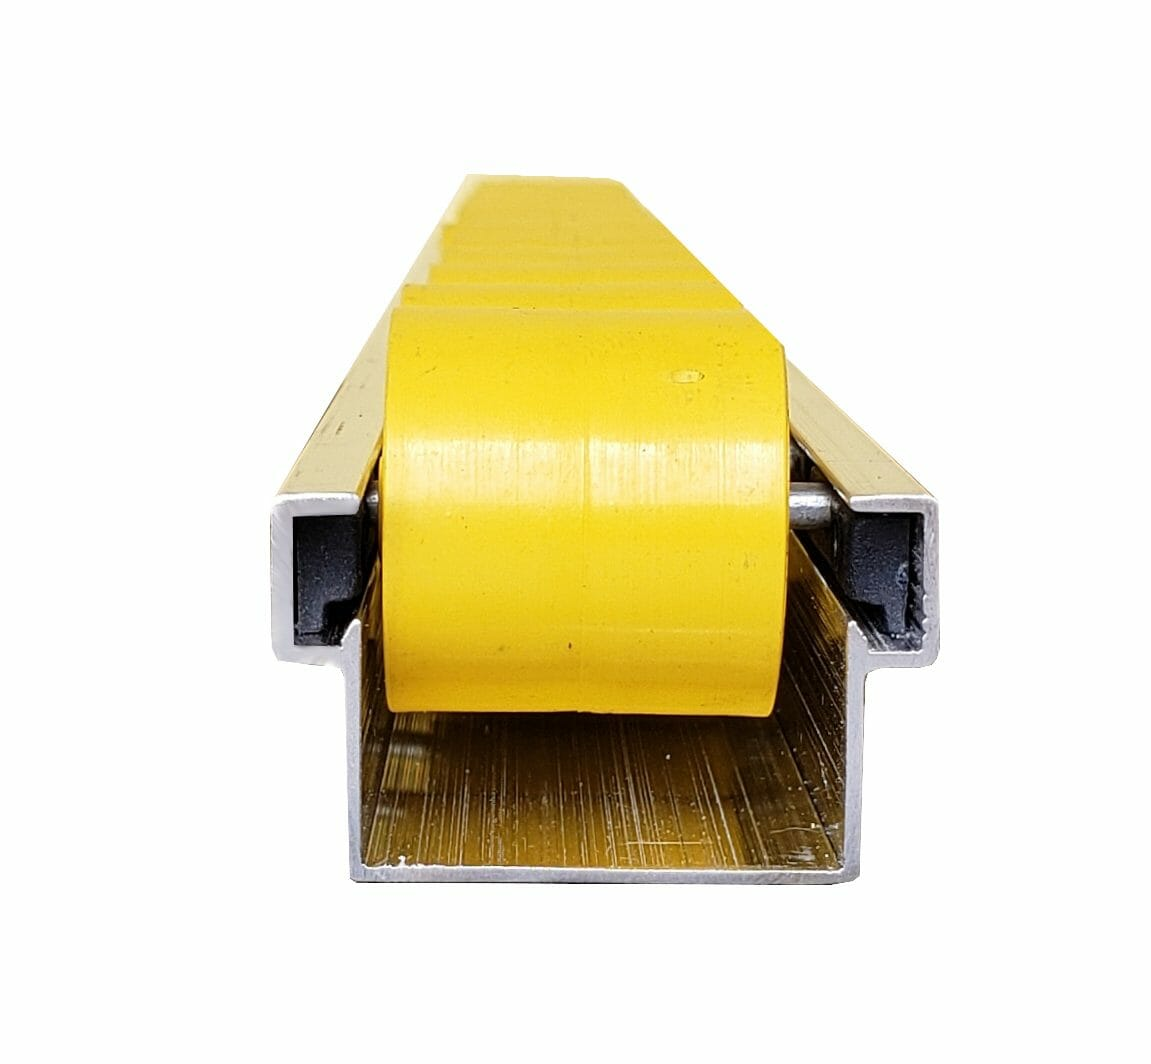 imagem trilho roletado flow rack para 45 kgf p 1574423940116 - Trilho Roletado Flow Rack para 65 kg